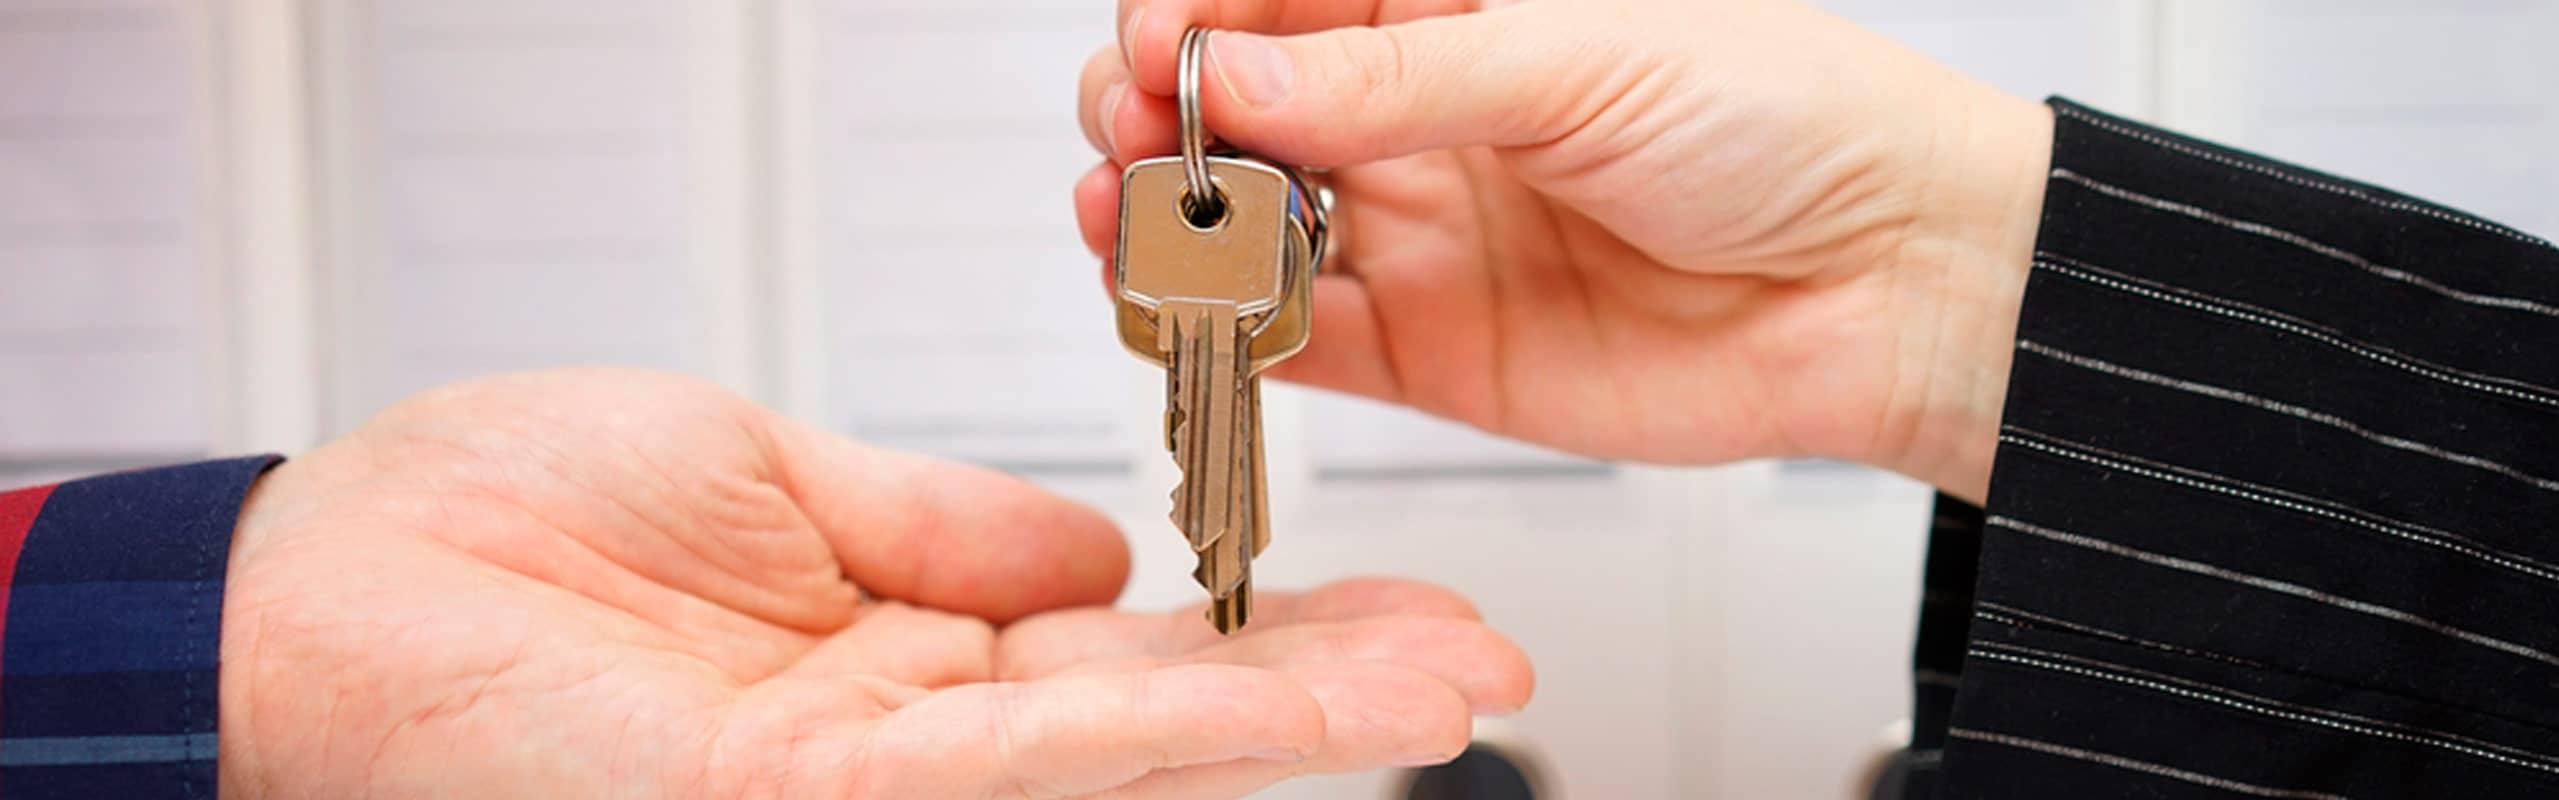 Descubre las hipotecas 100 y sus ventajas